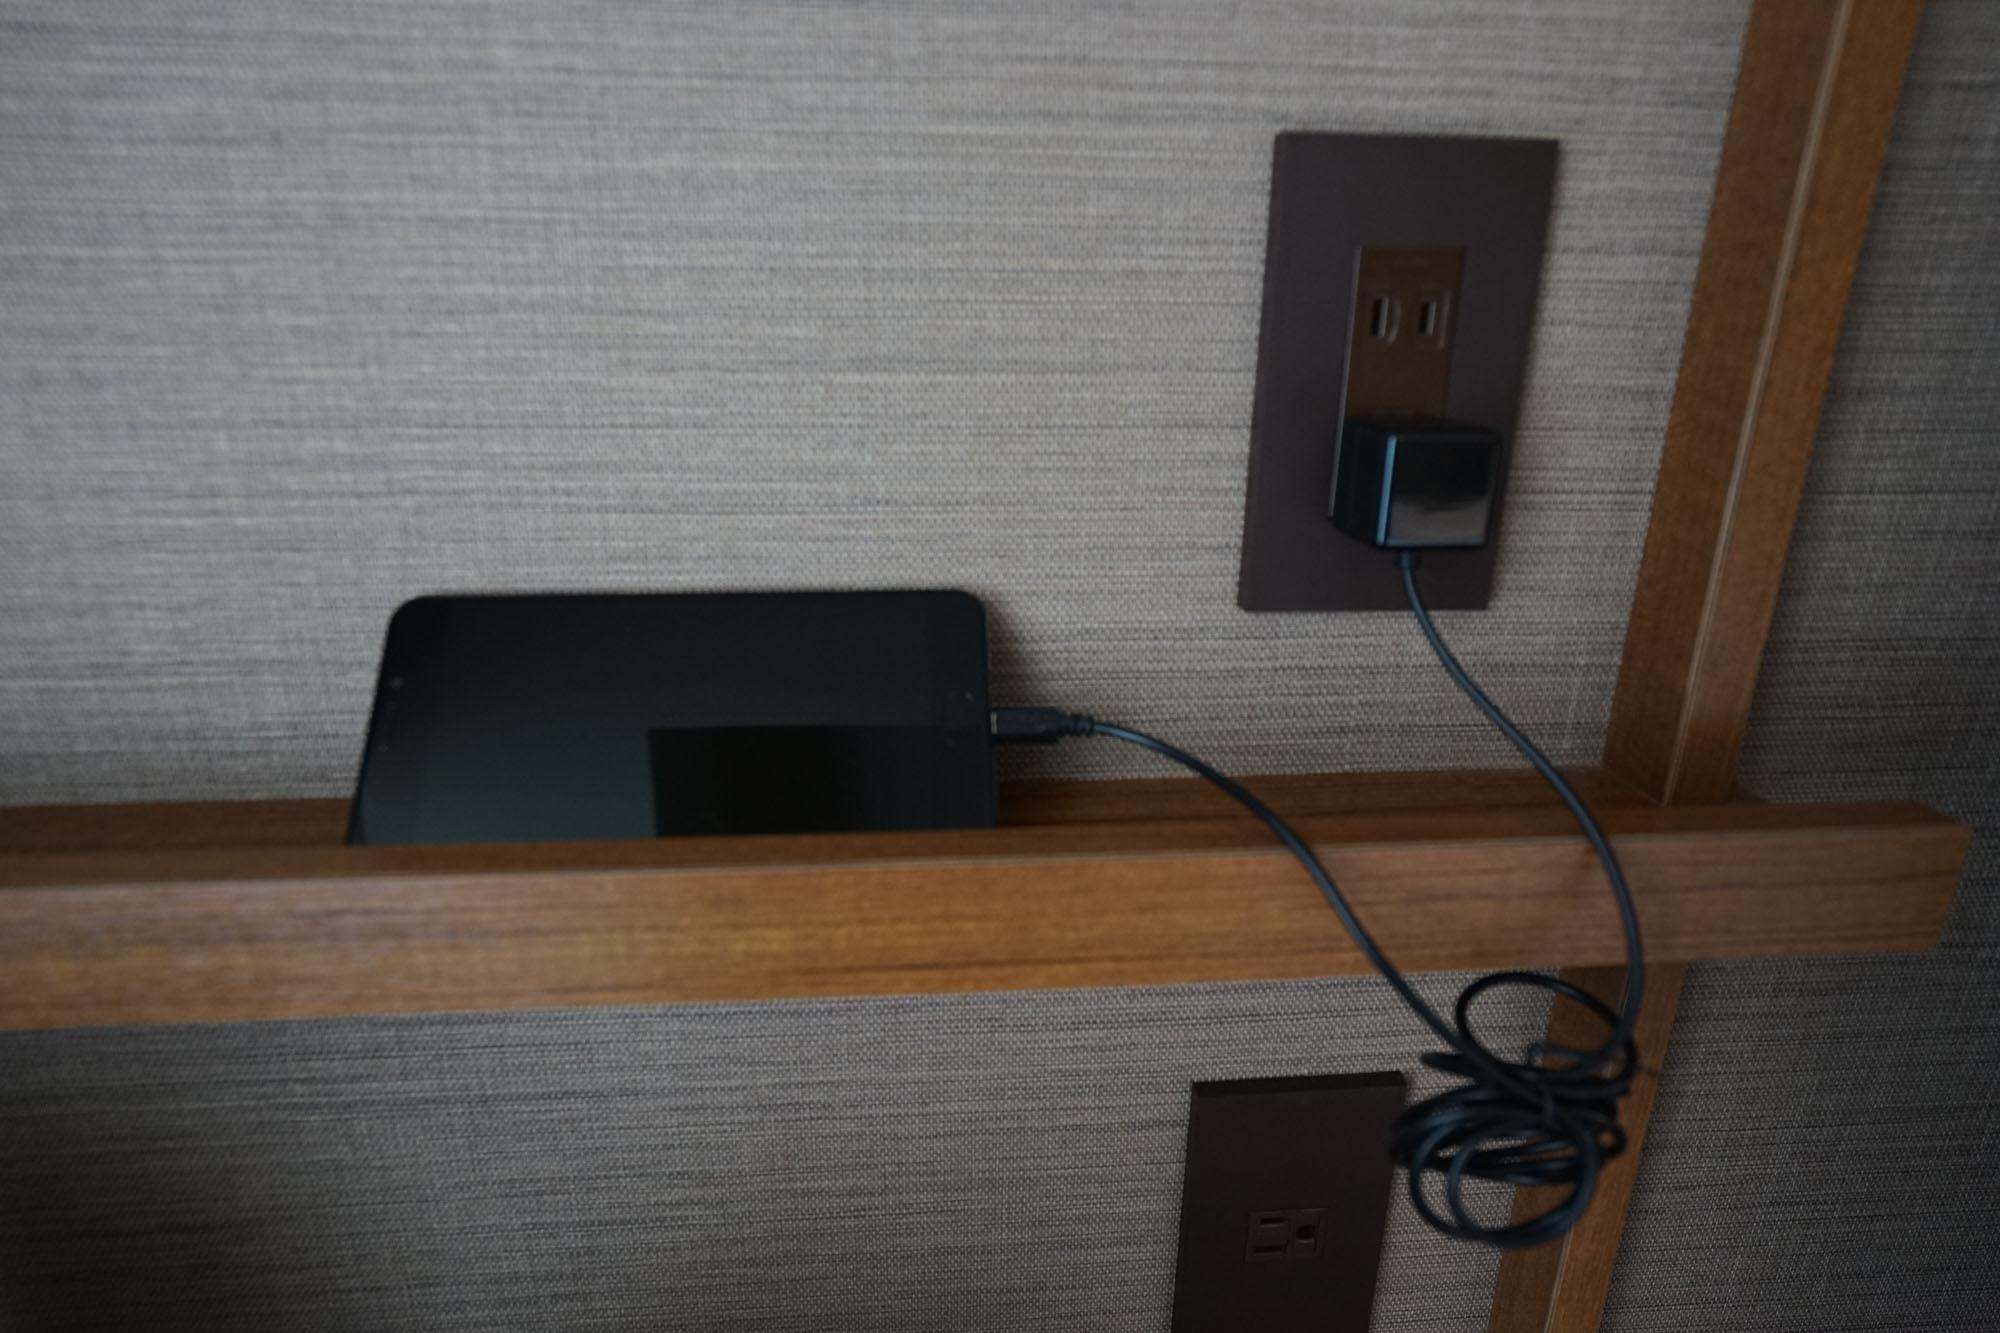 内線電話をやめ、館内サービスにアクセスできるスマートフォンが置かれています。